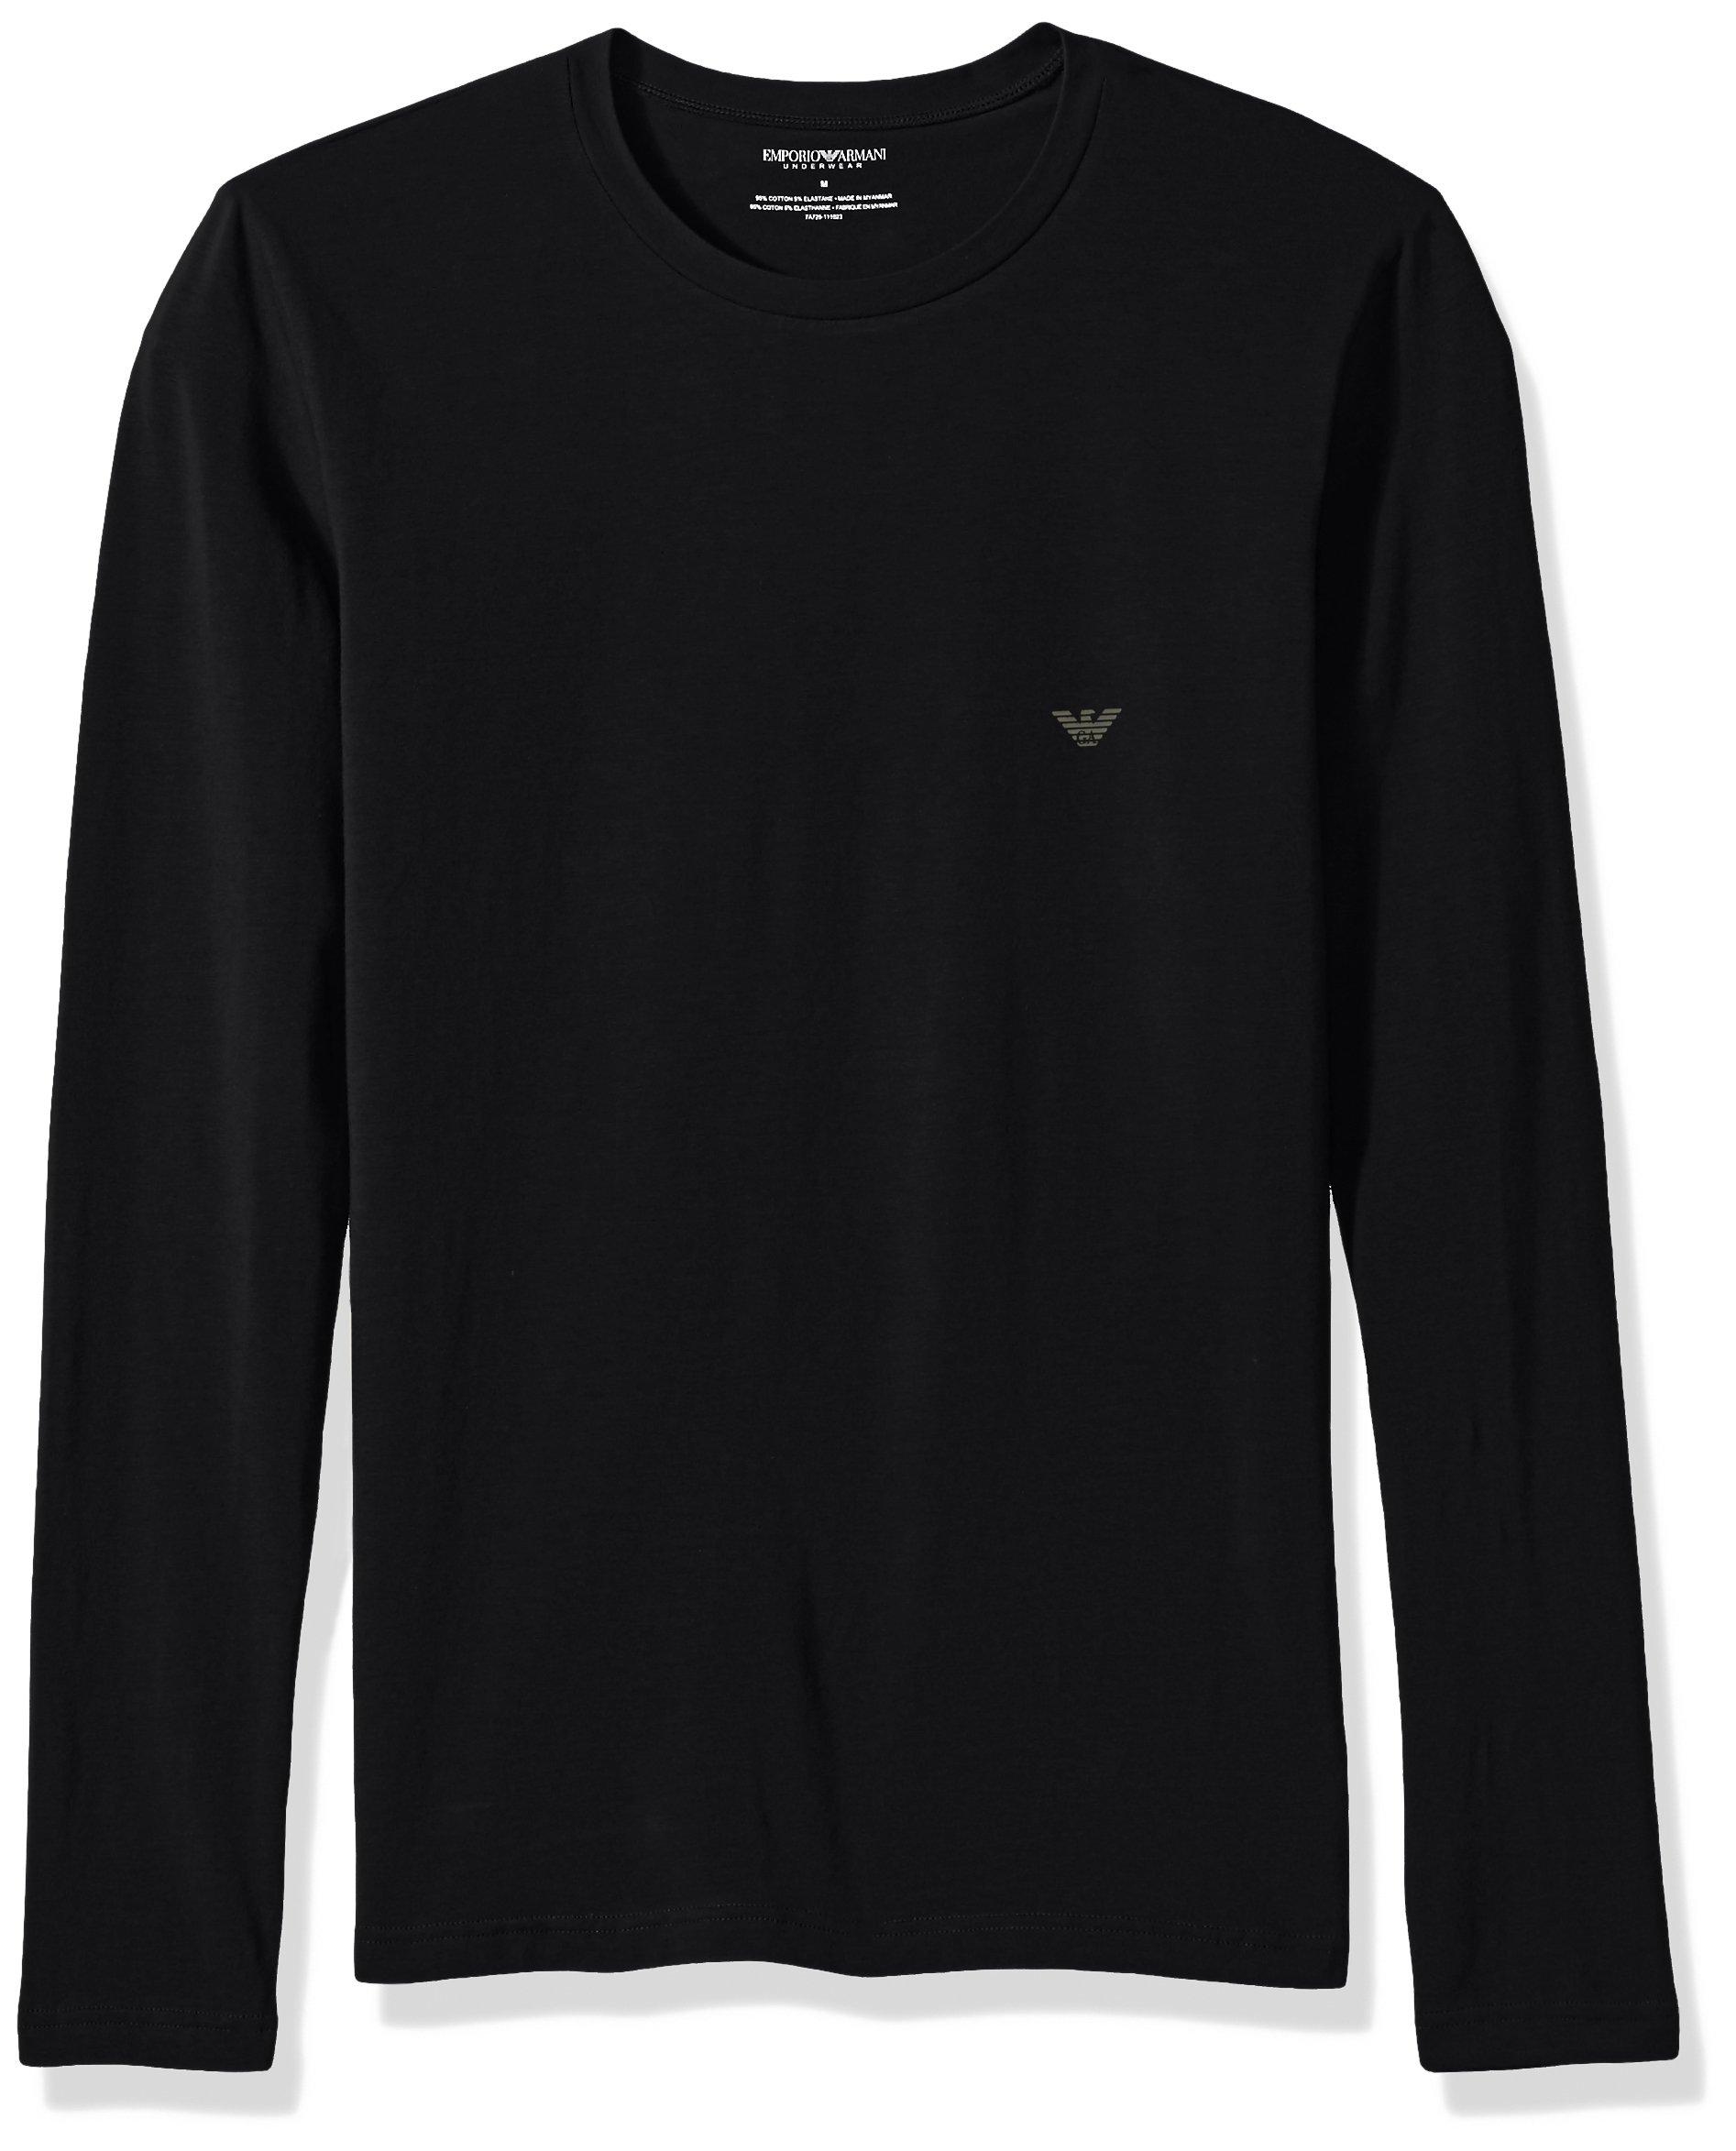 Emporio Armani Men's The Big Eagle L/s Crew T-Shirt, Black, M by Emporio Armani